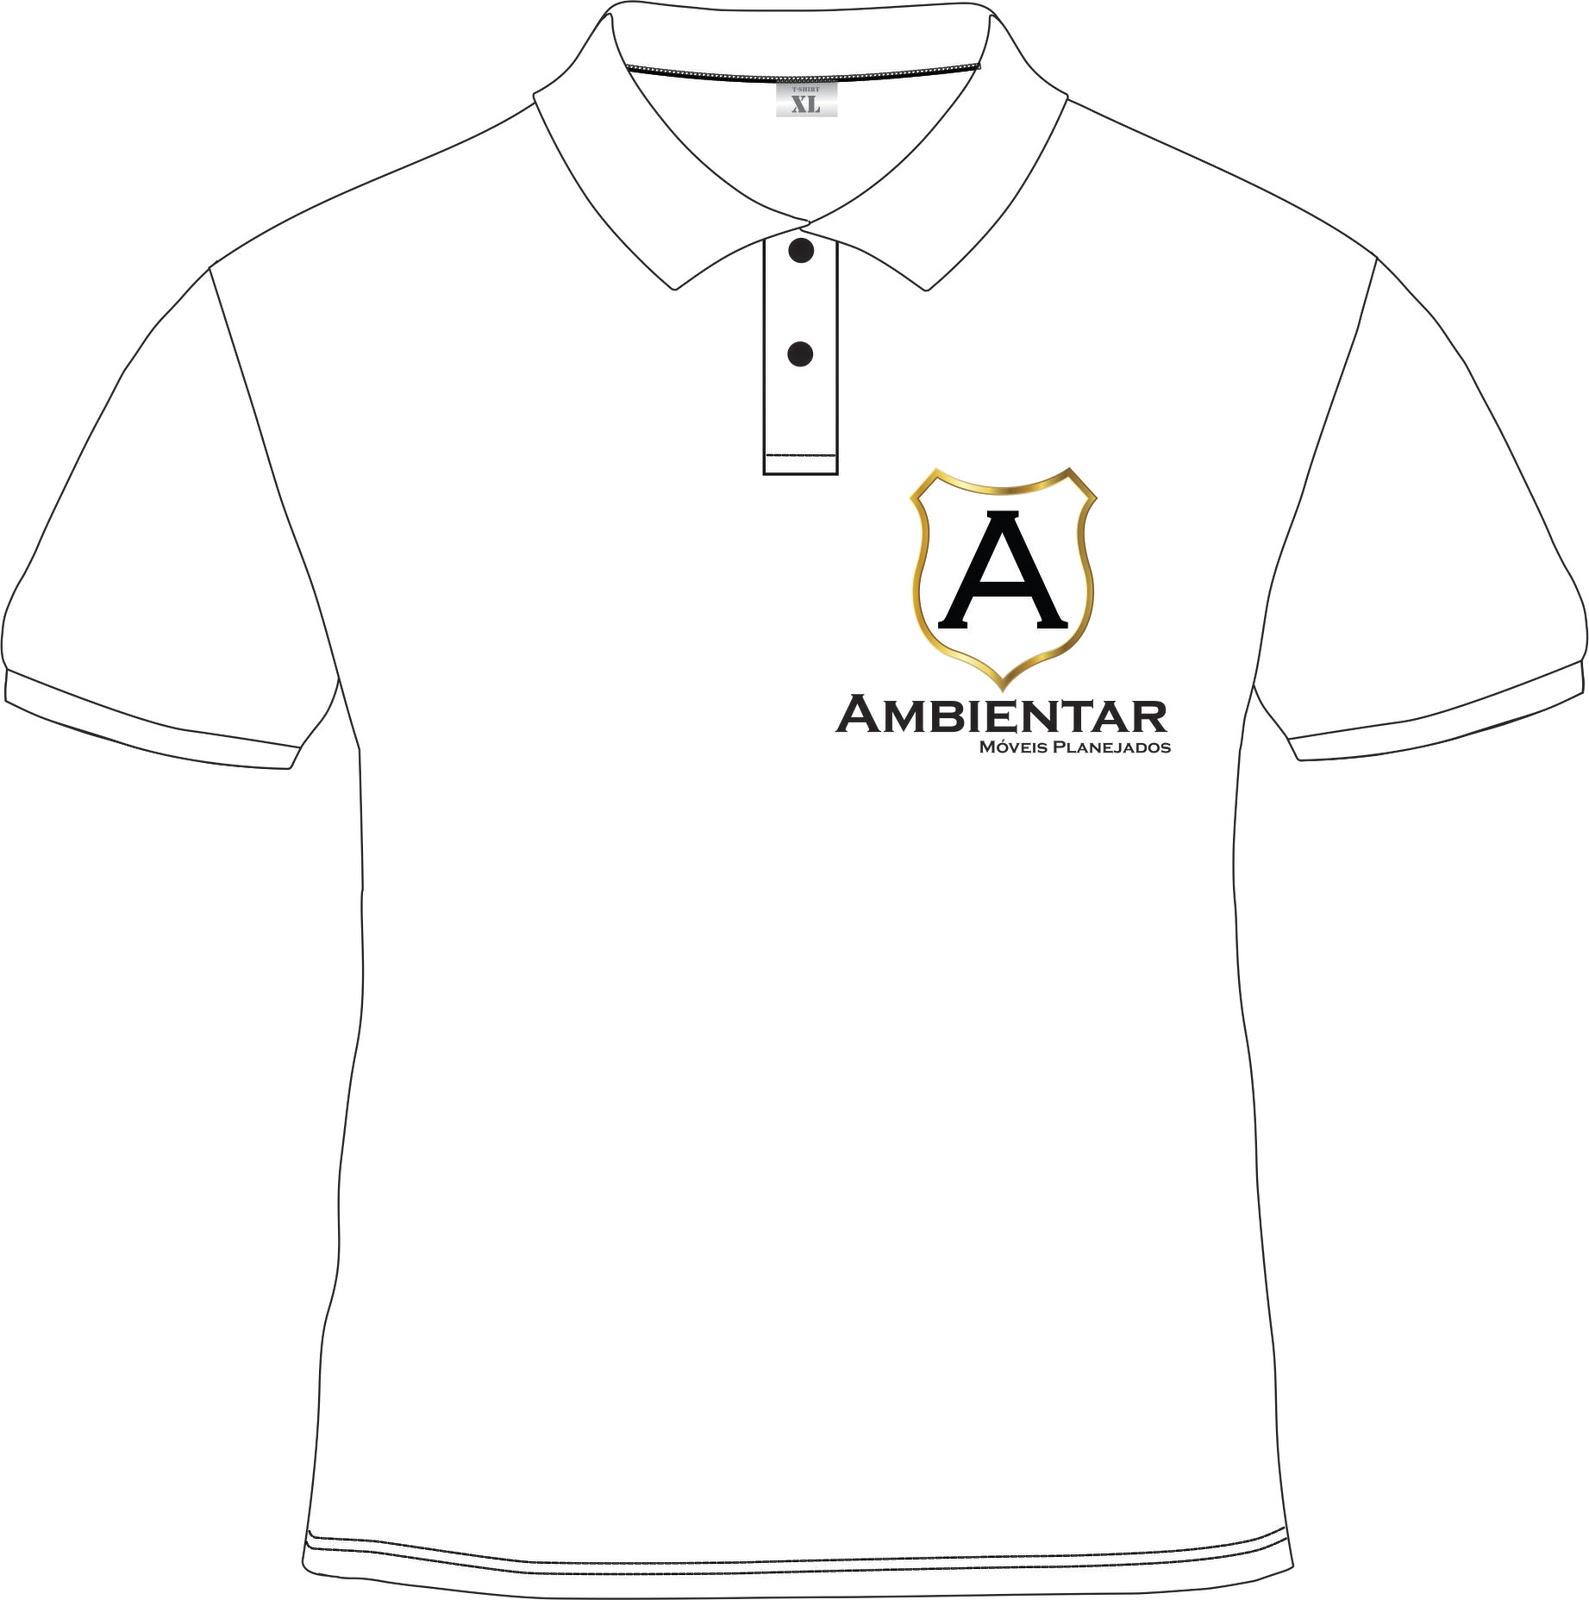 8ce56ab960900 Ricardo Teixeira - Designer  Camisa Ambientar Planejados